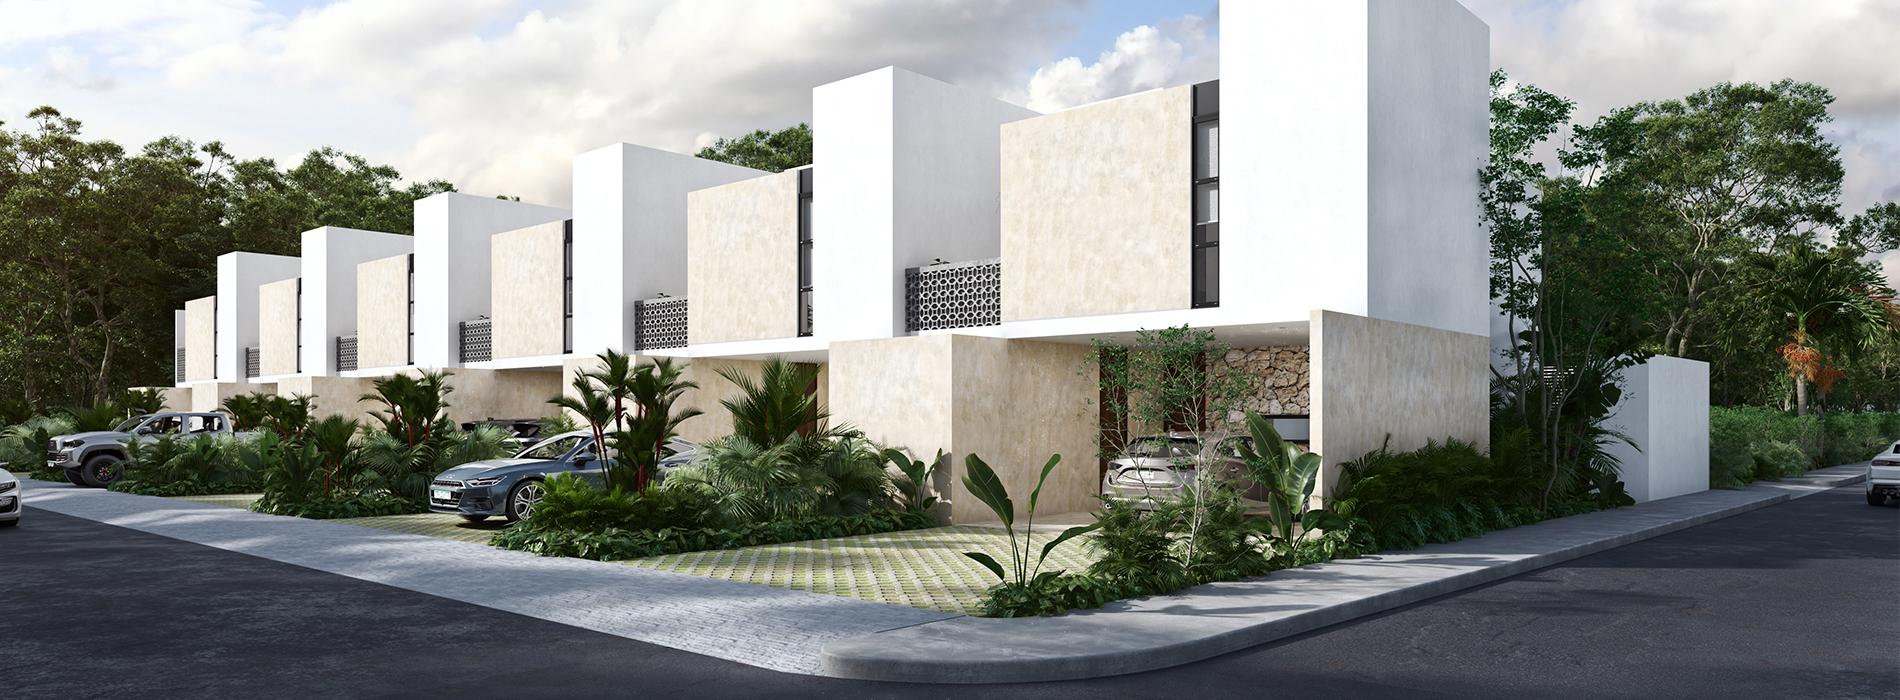 Casas Venta Mérida Palermo Goodlers